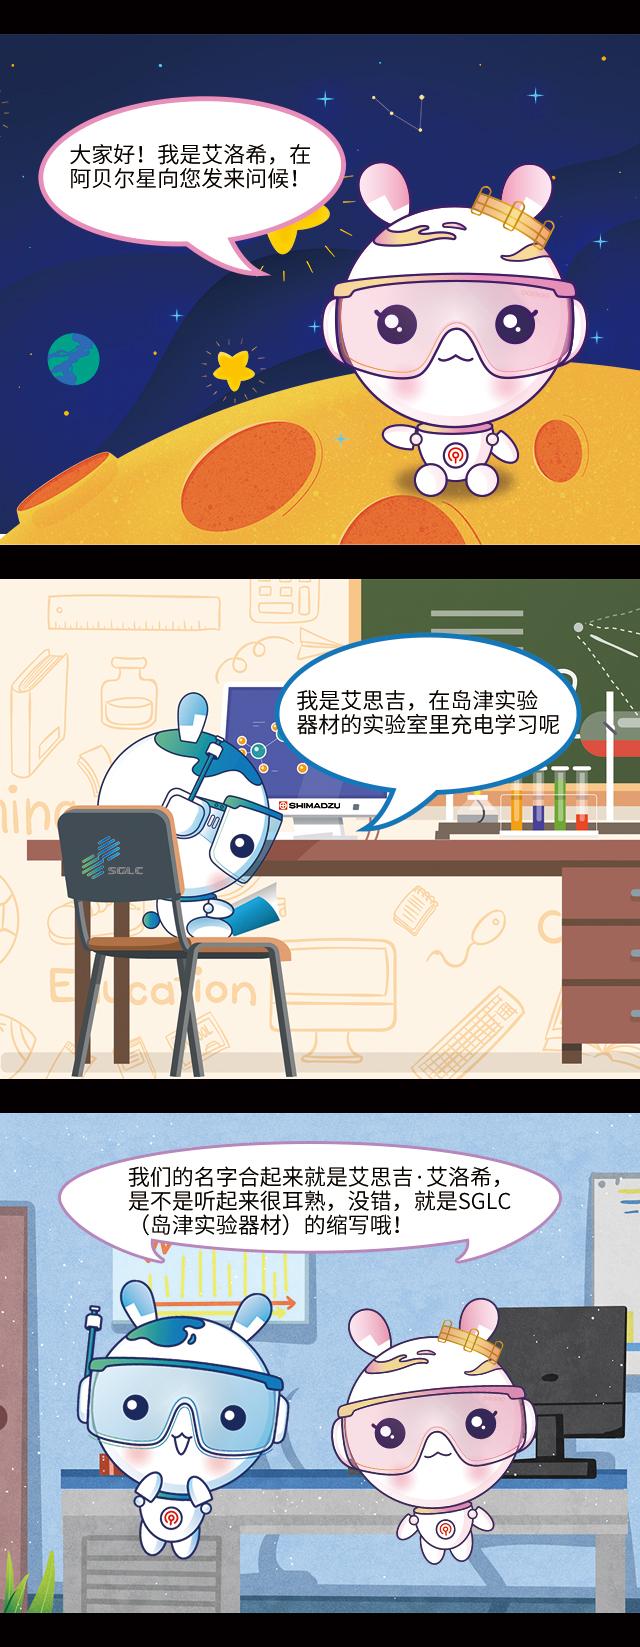 小漫画_01.jpg